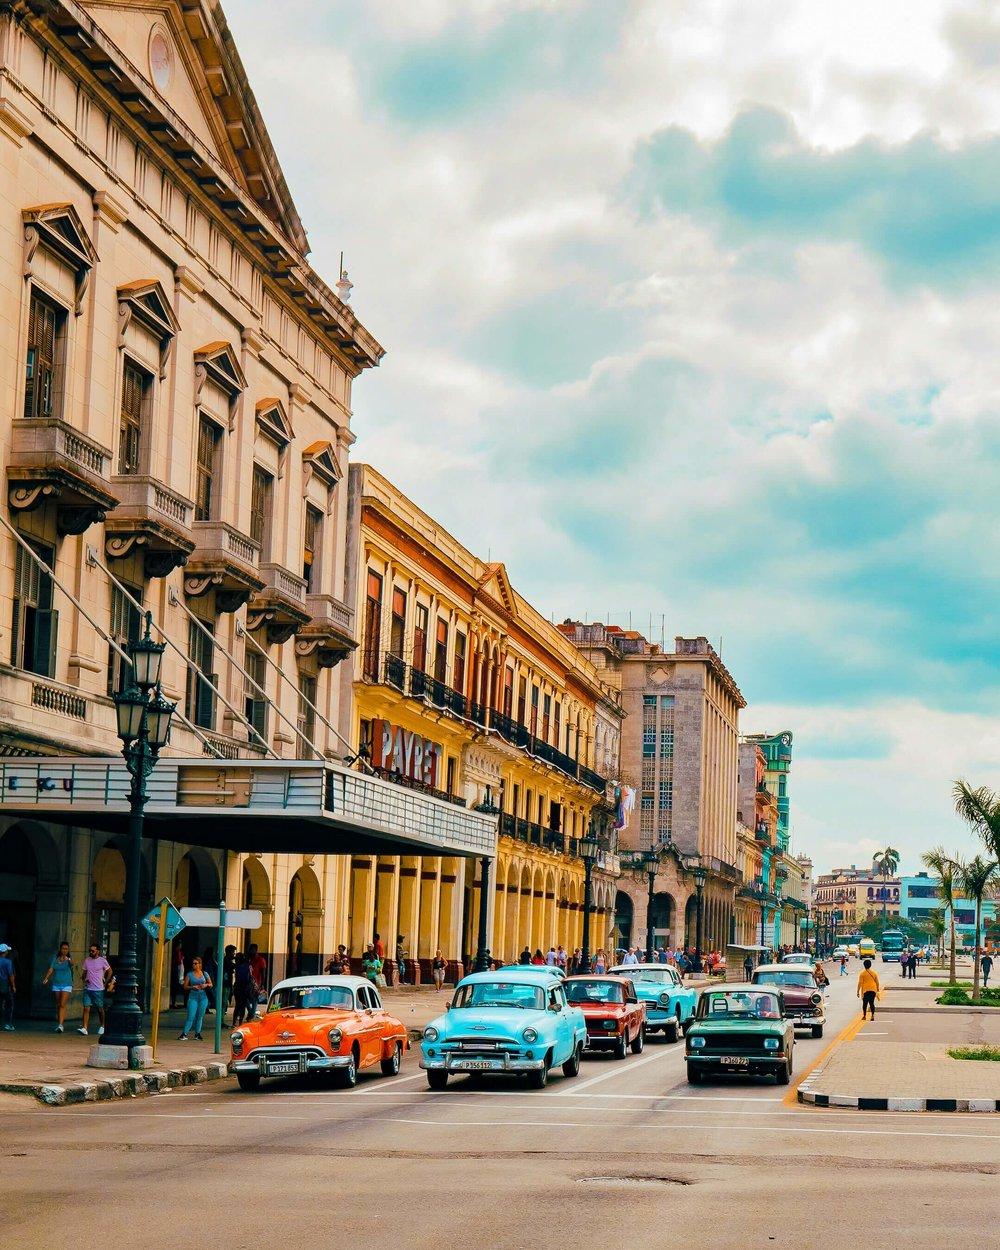 Exploring Old Havana